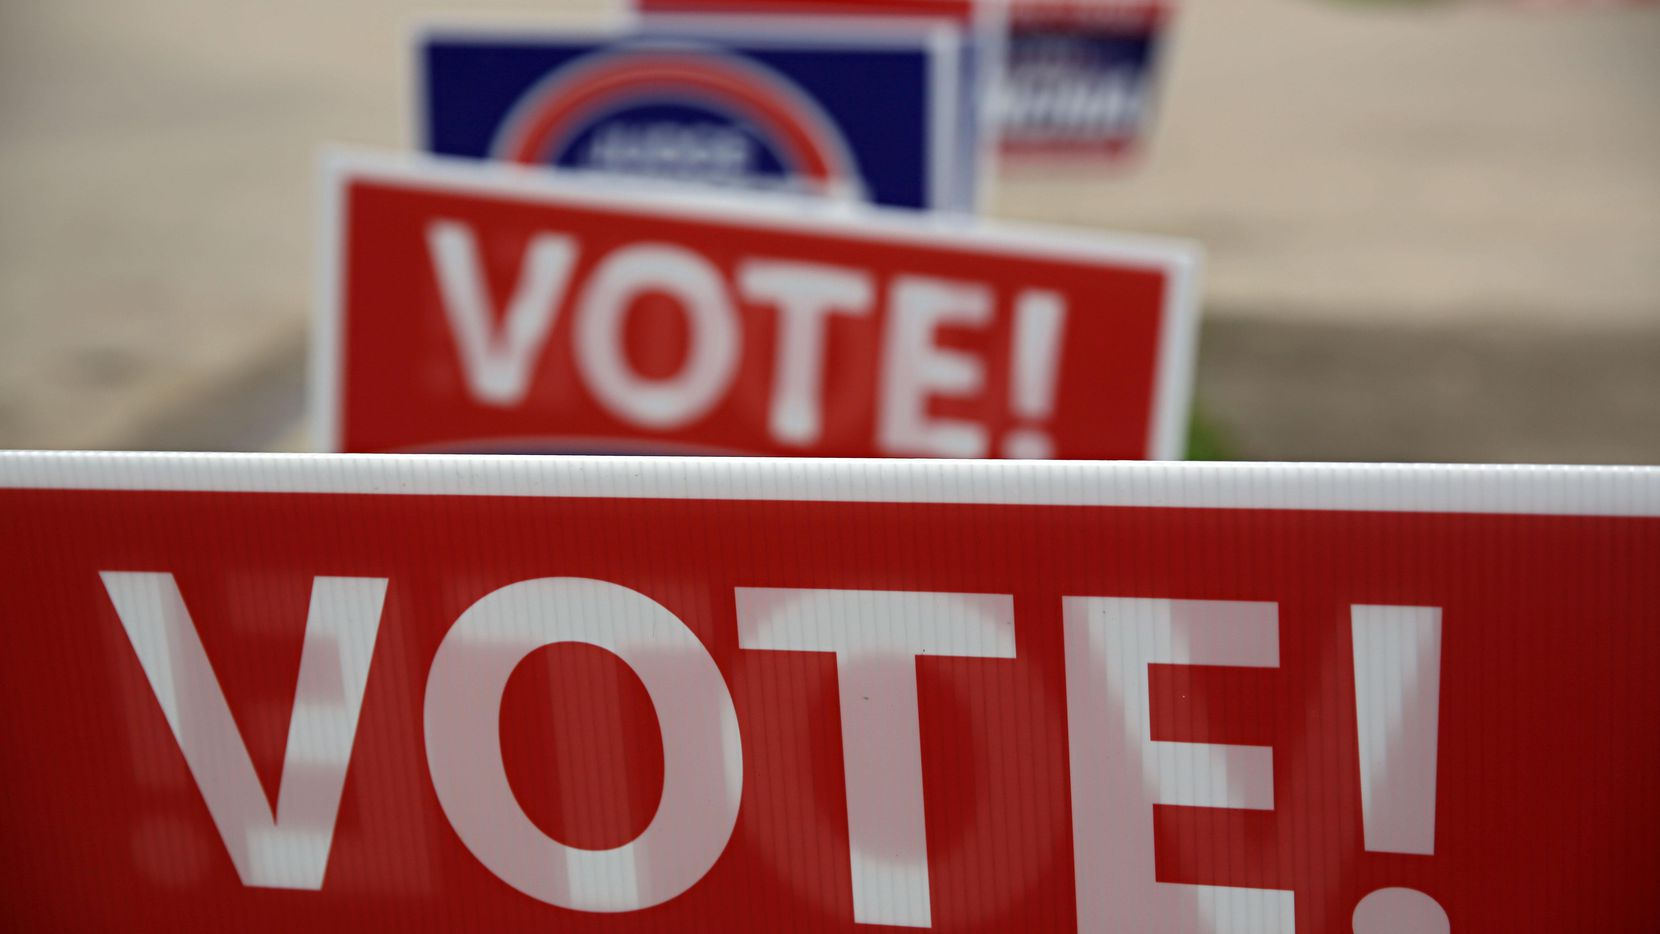 El sábado se definen cargos en el Concejo de Dallas, alcaldías locales y puestos en las juntas de educación. (DMN/G.J. McCARTHY)